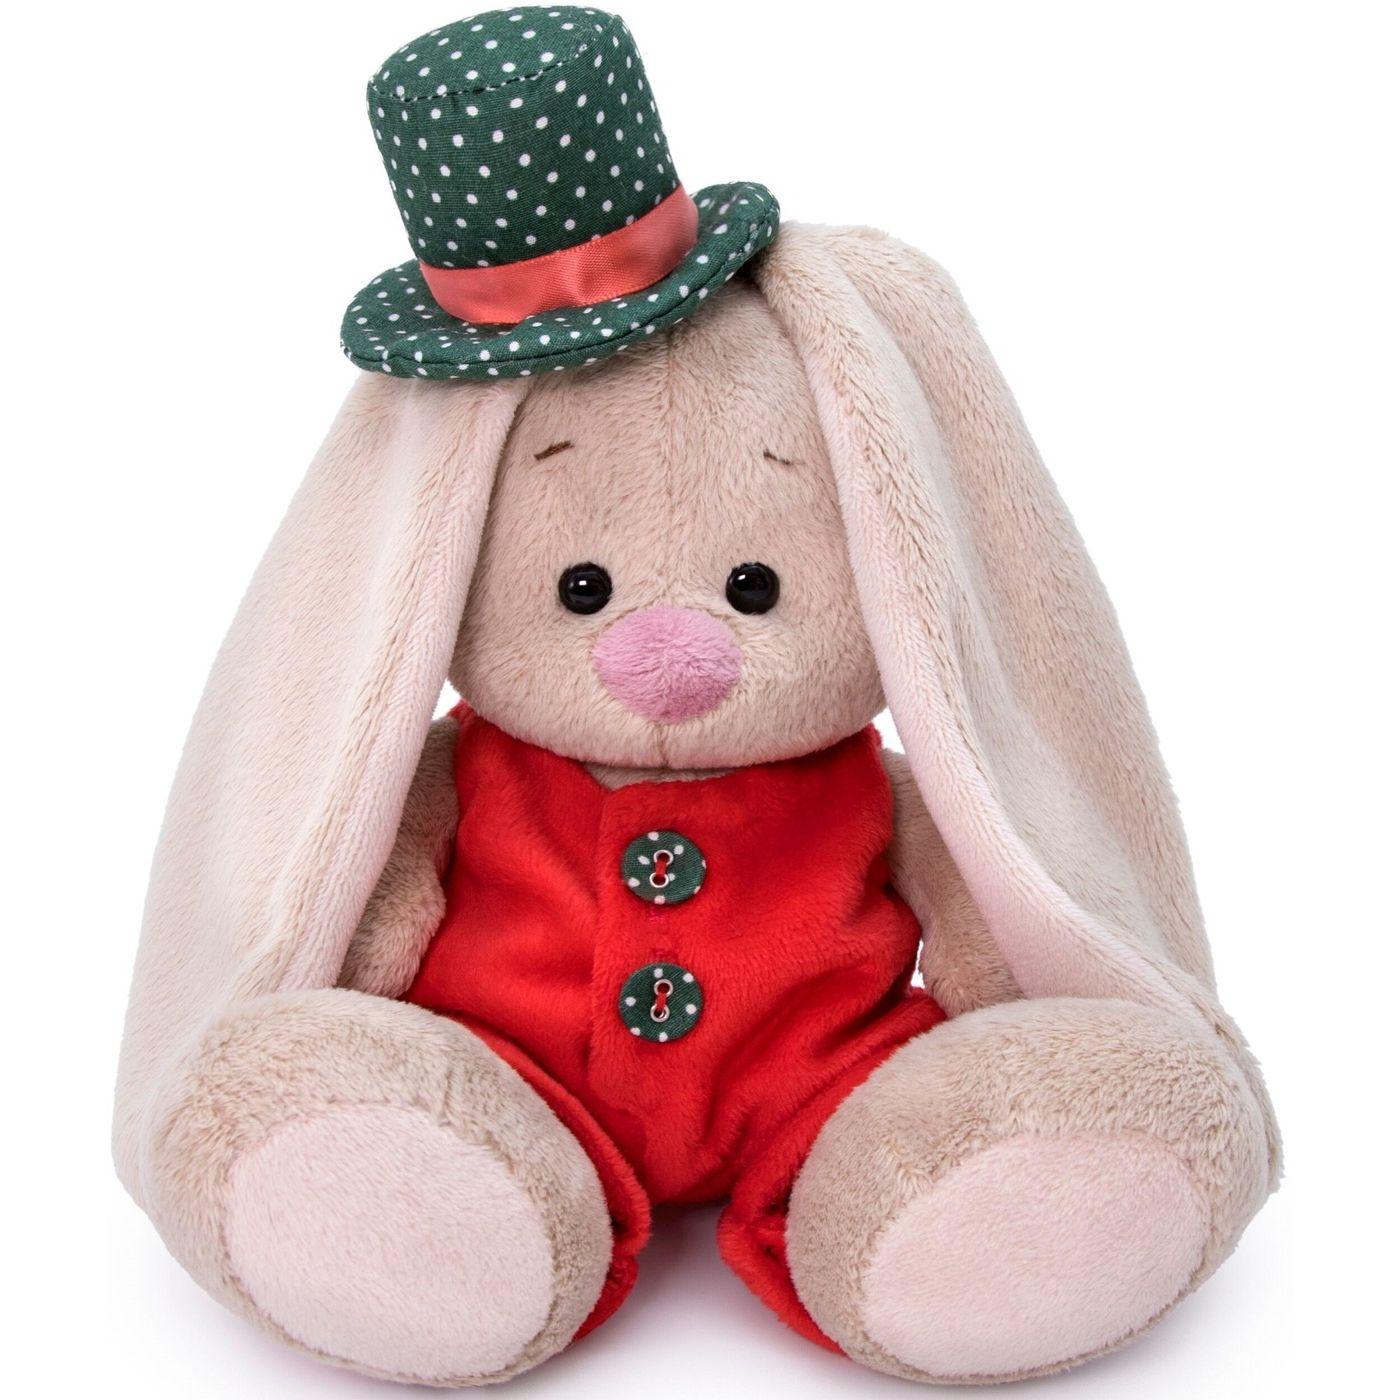 Купить BUDI BASA Мягкая игрушка Зайка Ми в красном меховом комбинезоне, 15 см, SidX-349, Россия